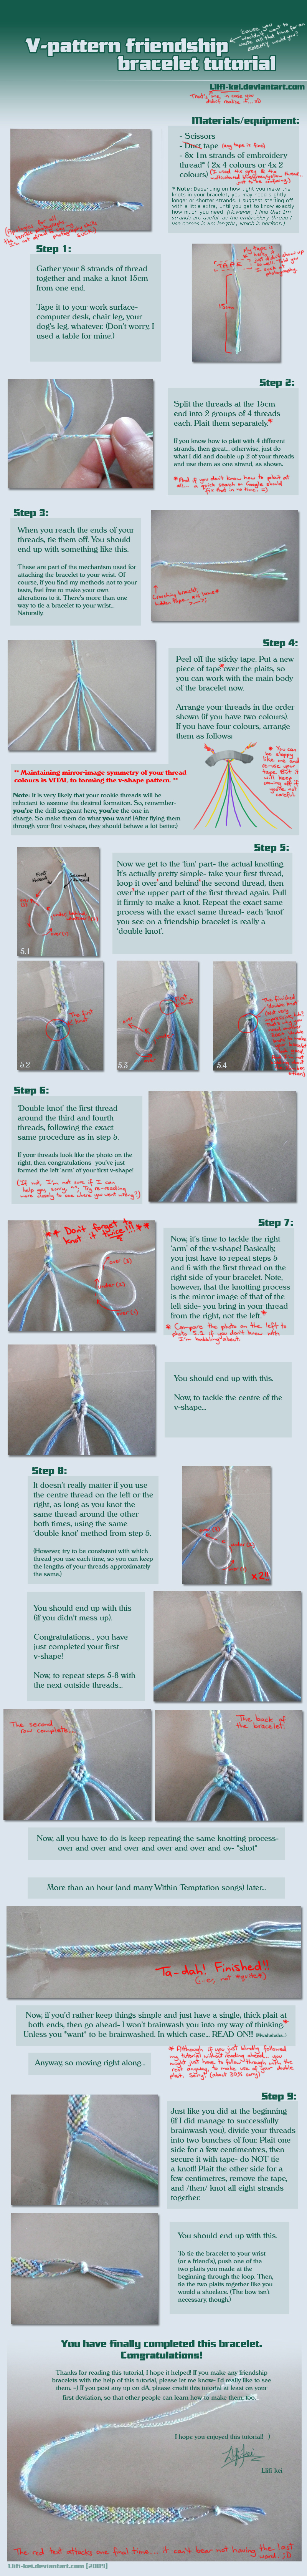 Friendship bracelet tutorial by llifi-kei